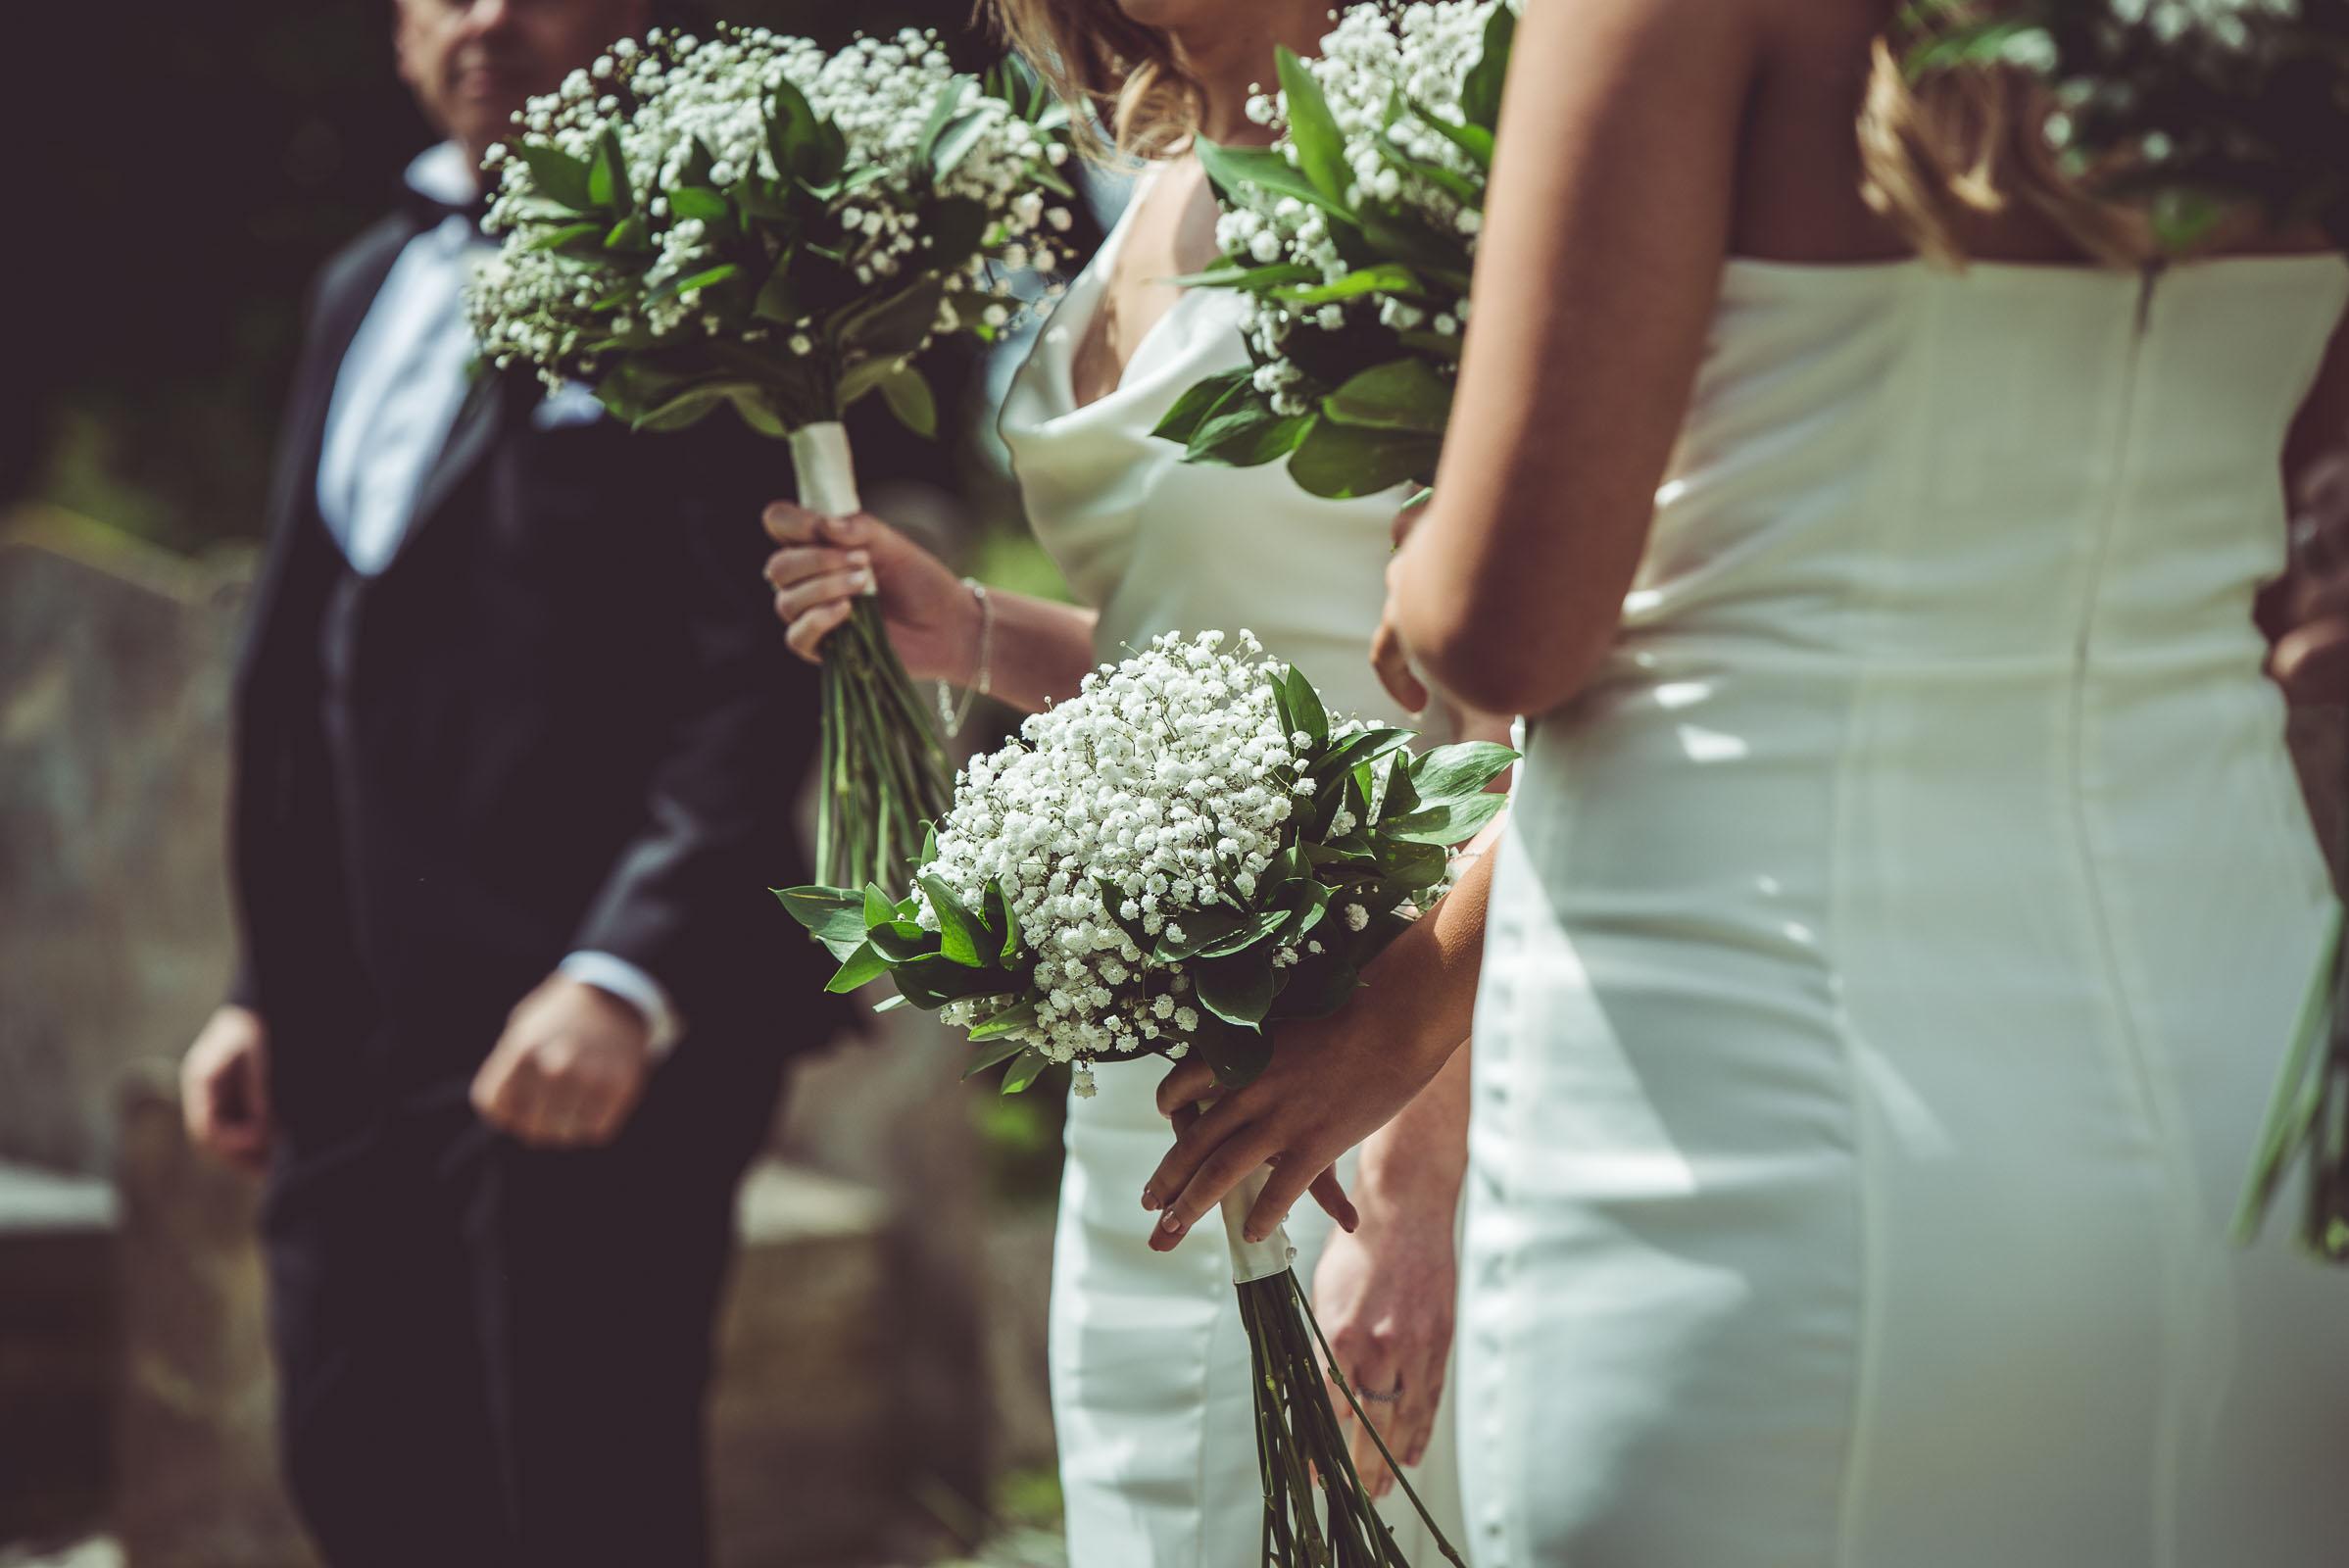 Lutonhoo-wedding-Bedfordshire-Datchworth-Tewinburyfarm-32.jpg